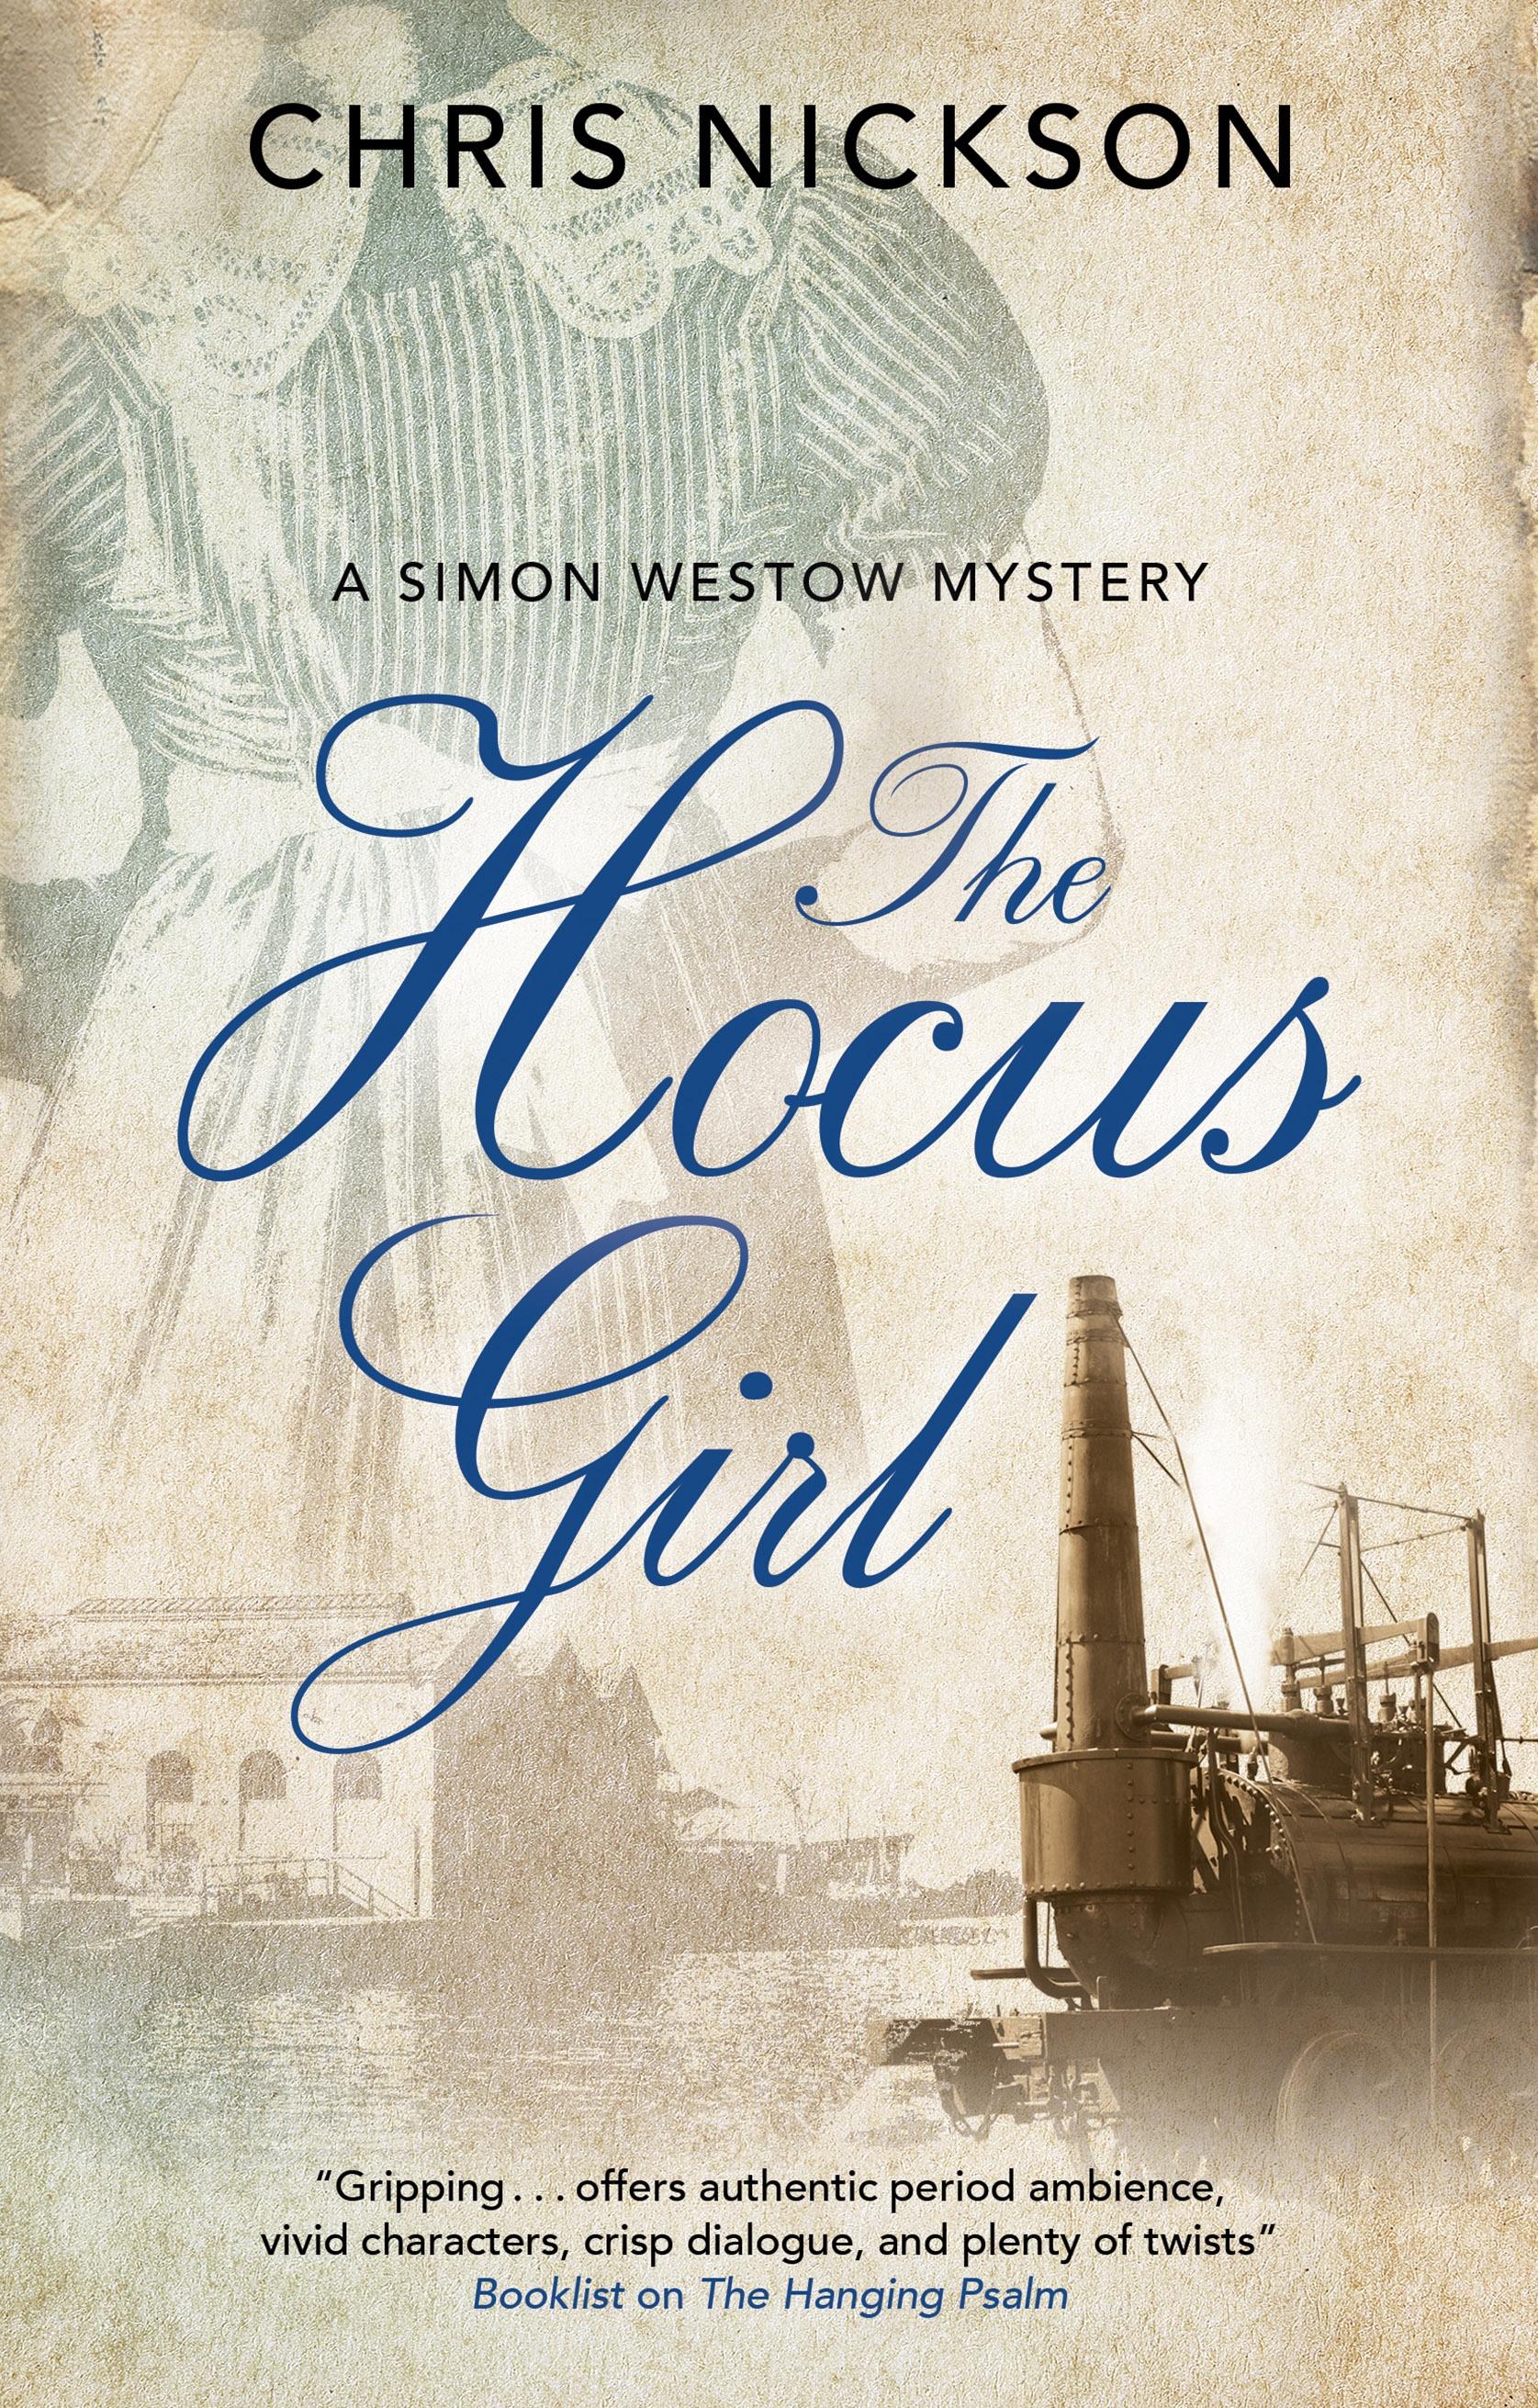 Hocus Girl final